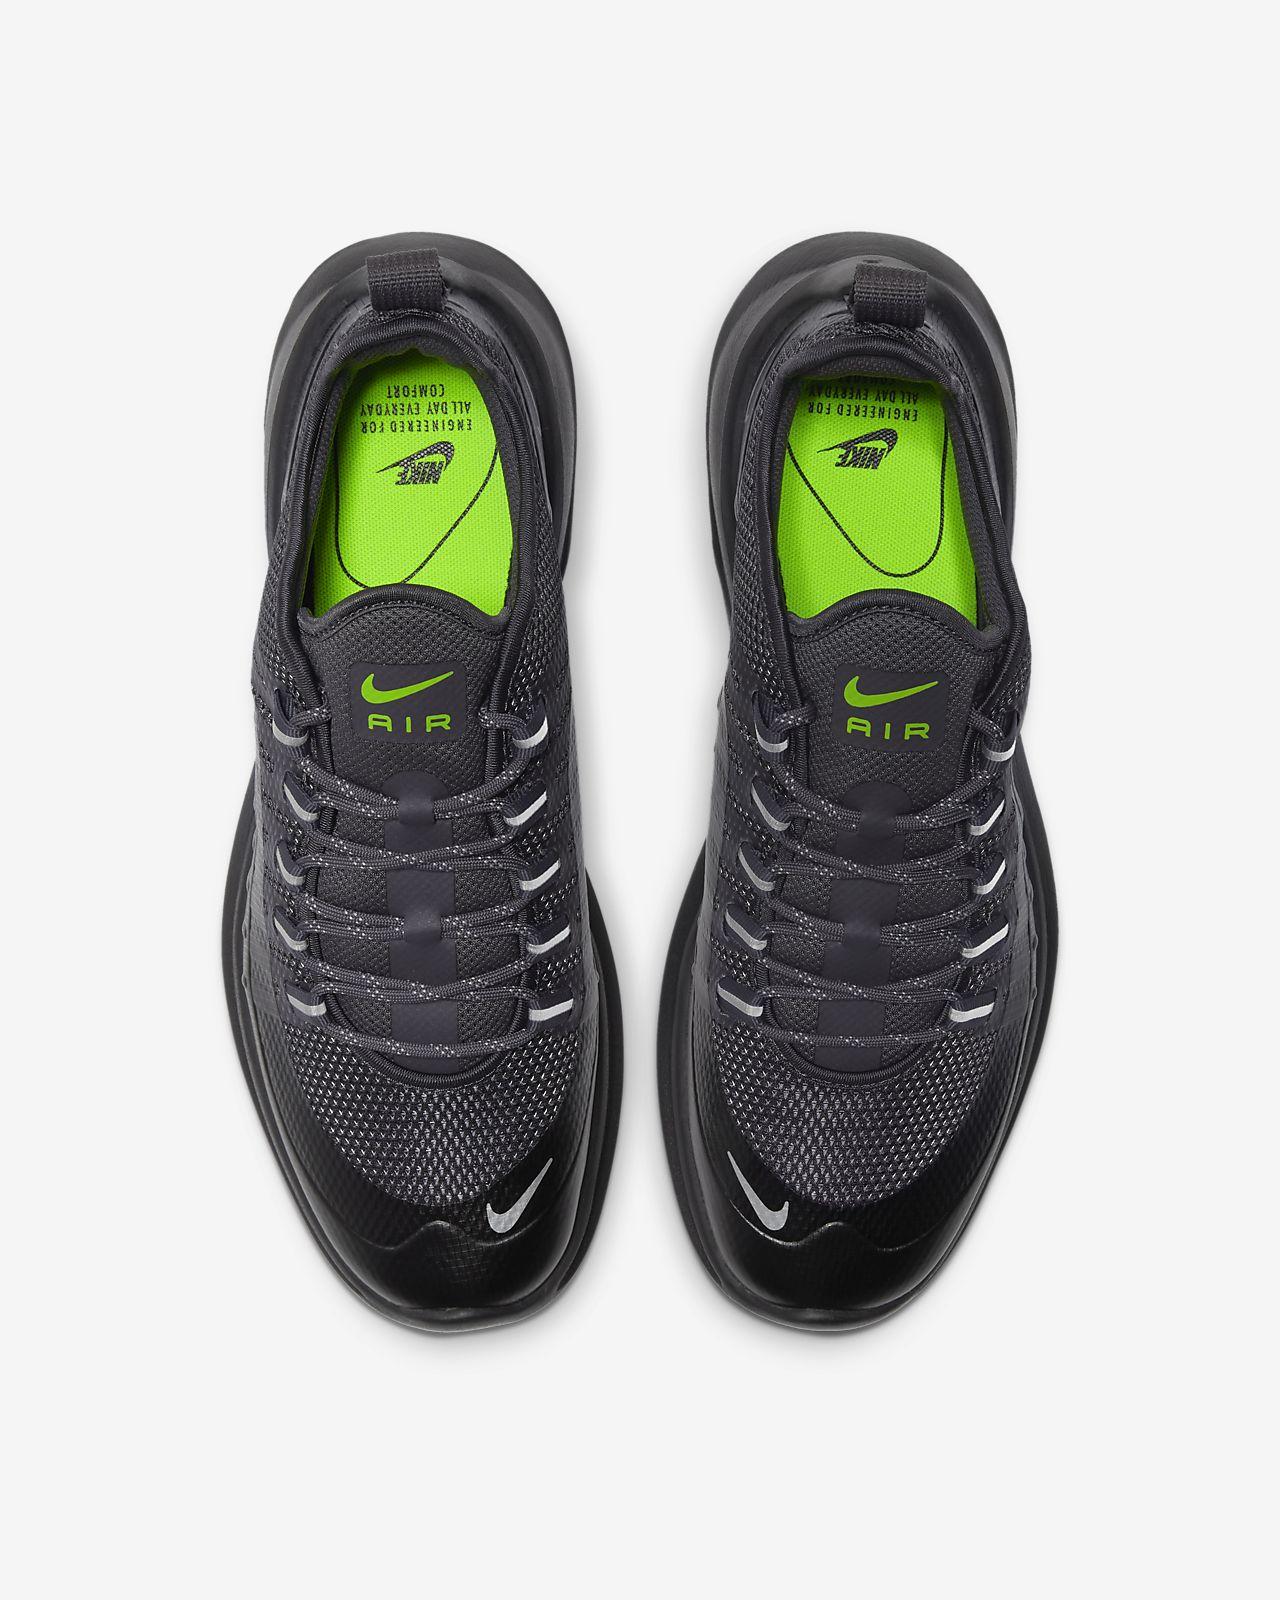 Sko Nike Air Max Axis Premium för män